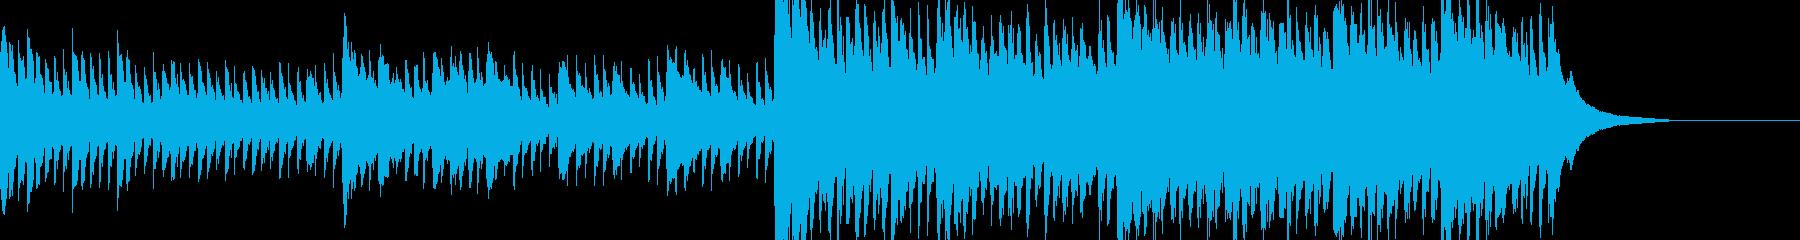 主人公がヒロインを失い強くなる時のピアノの再生済みの波形